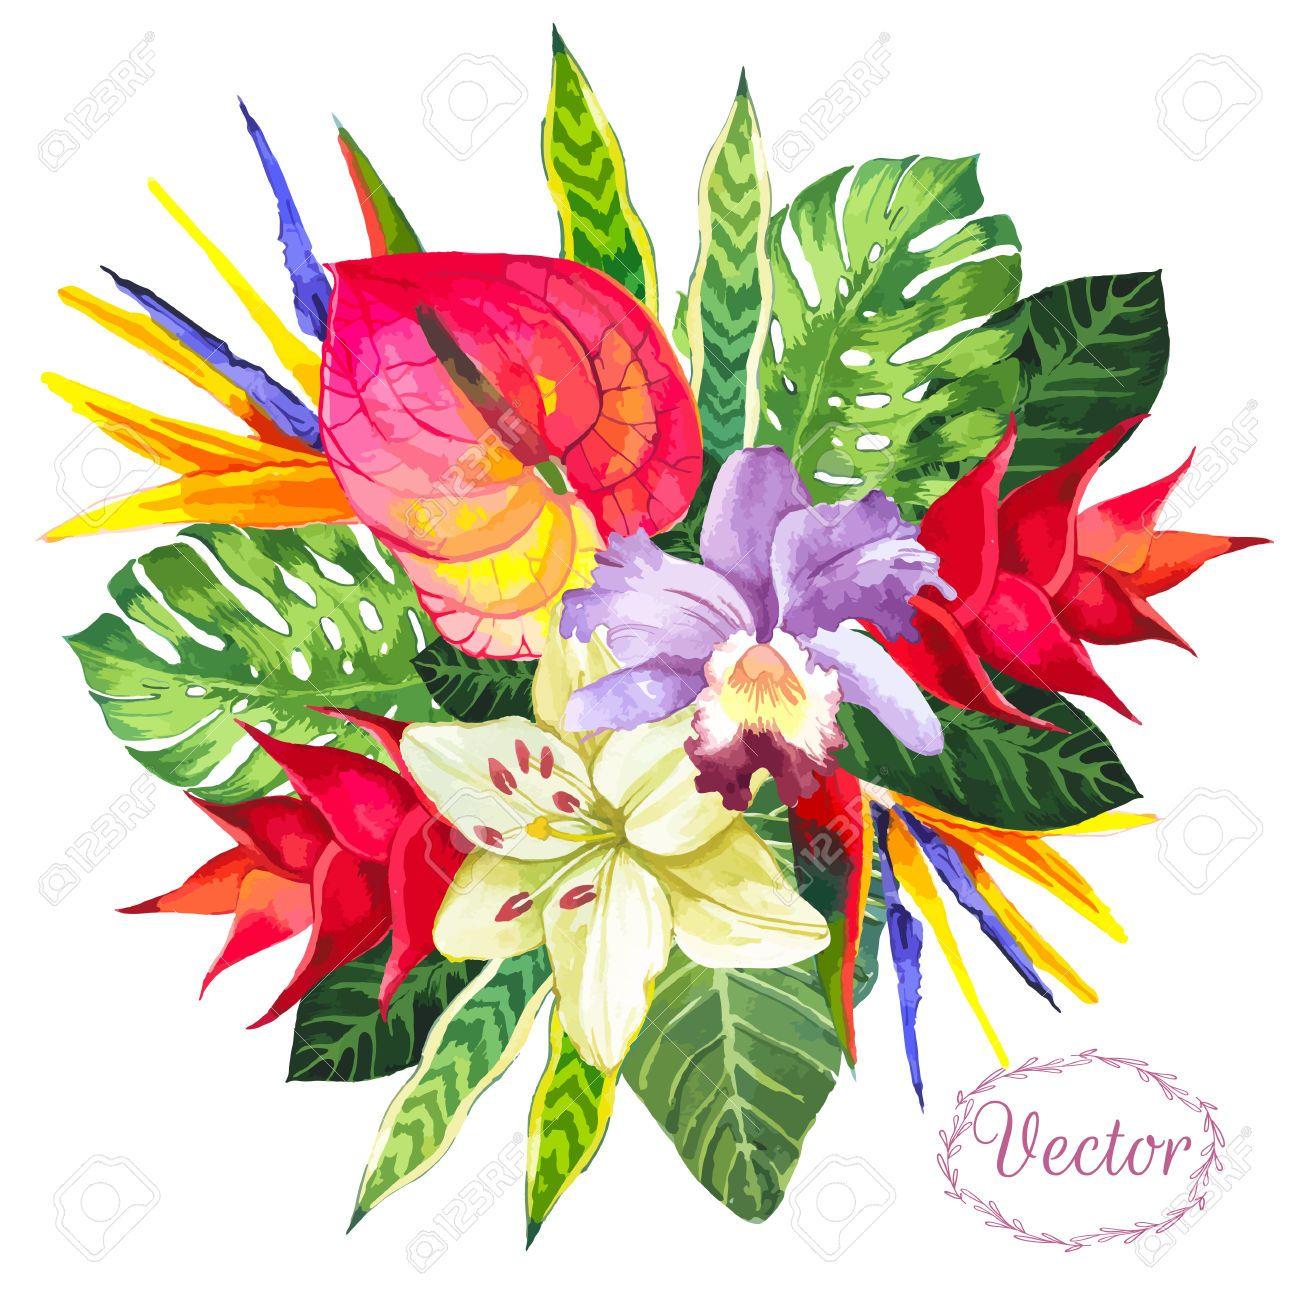 bouquet de fleurs tropicales banque d images vecteurs et bouquet de fleurs dessin couleurl. Black Bedroom Furniture Sets. Home Design Ideas